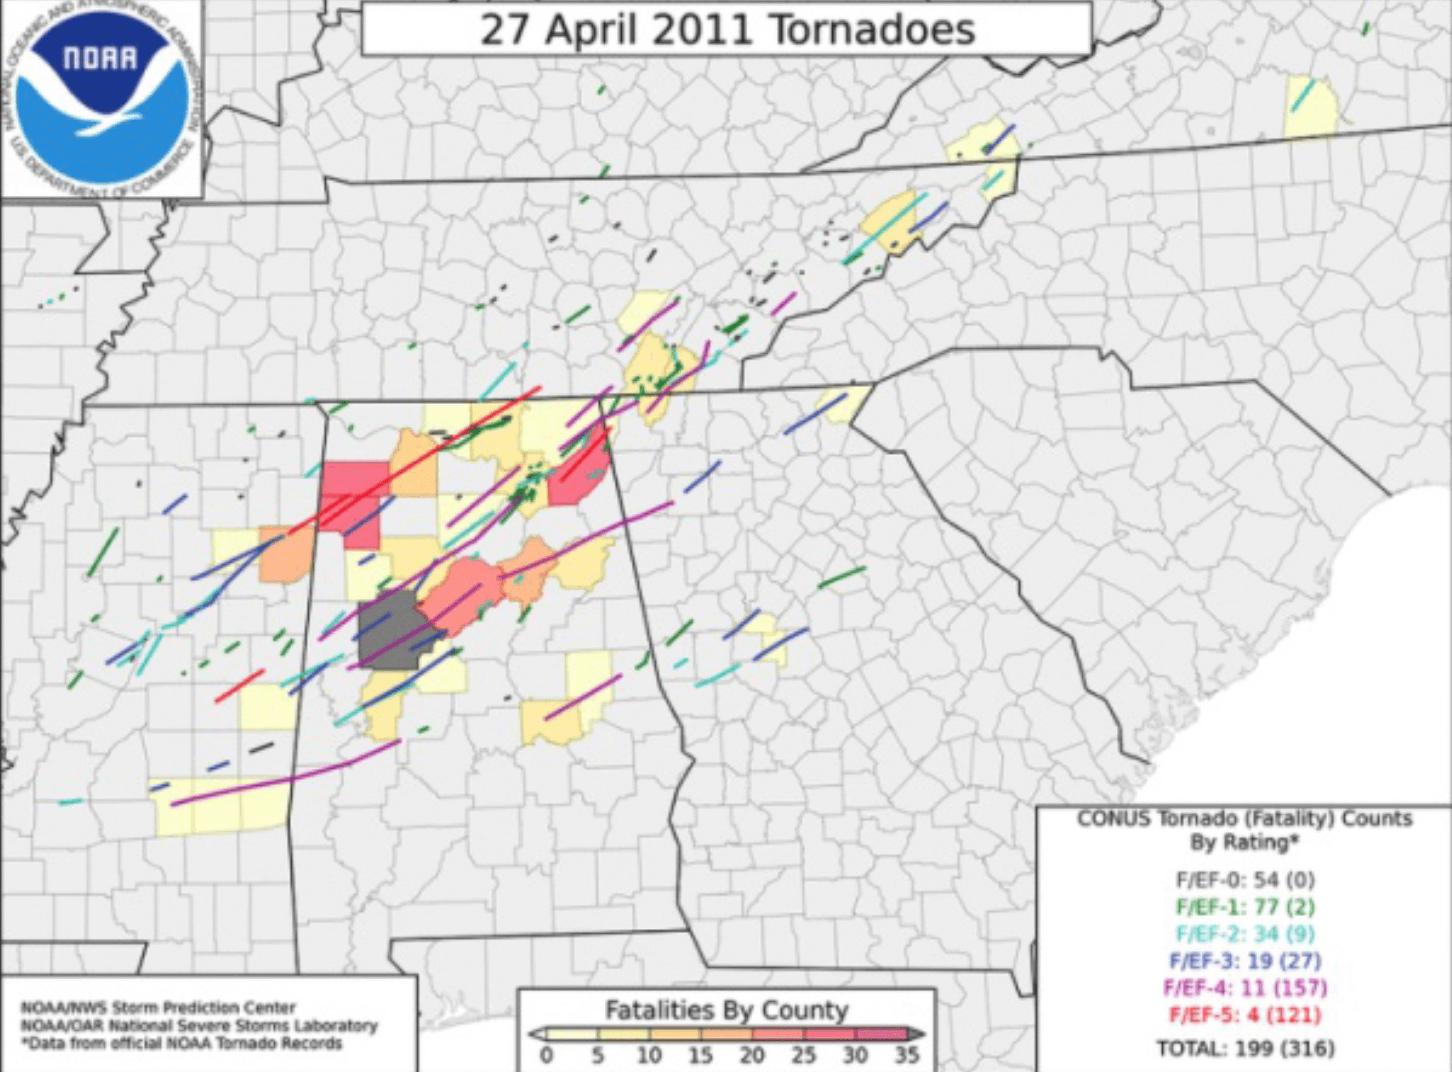 Vor 10 Jahren: Tornado 'Super-Outbreak'